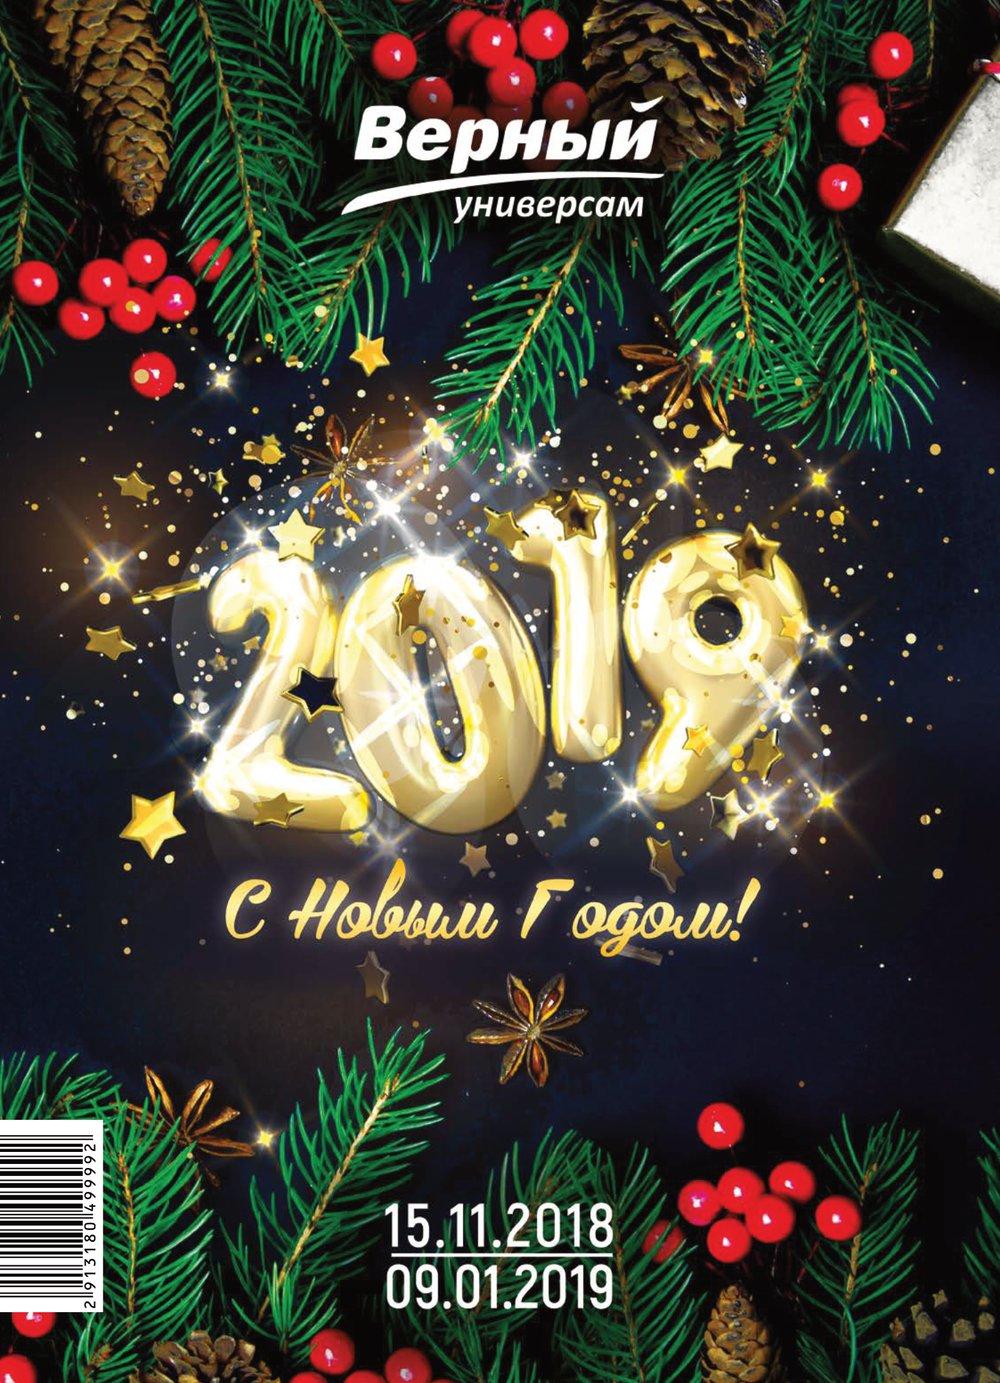 надежные спойлеры картинка новогодний каталог заключения мало чем